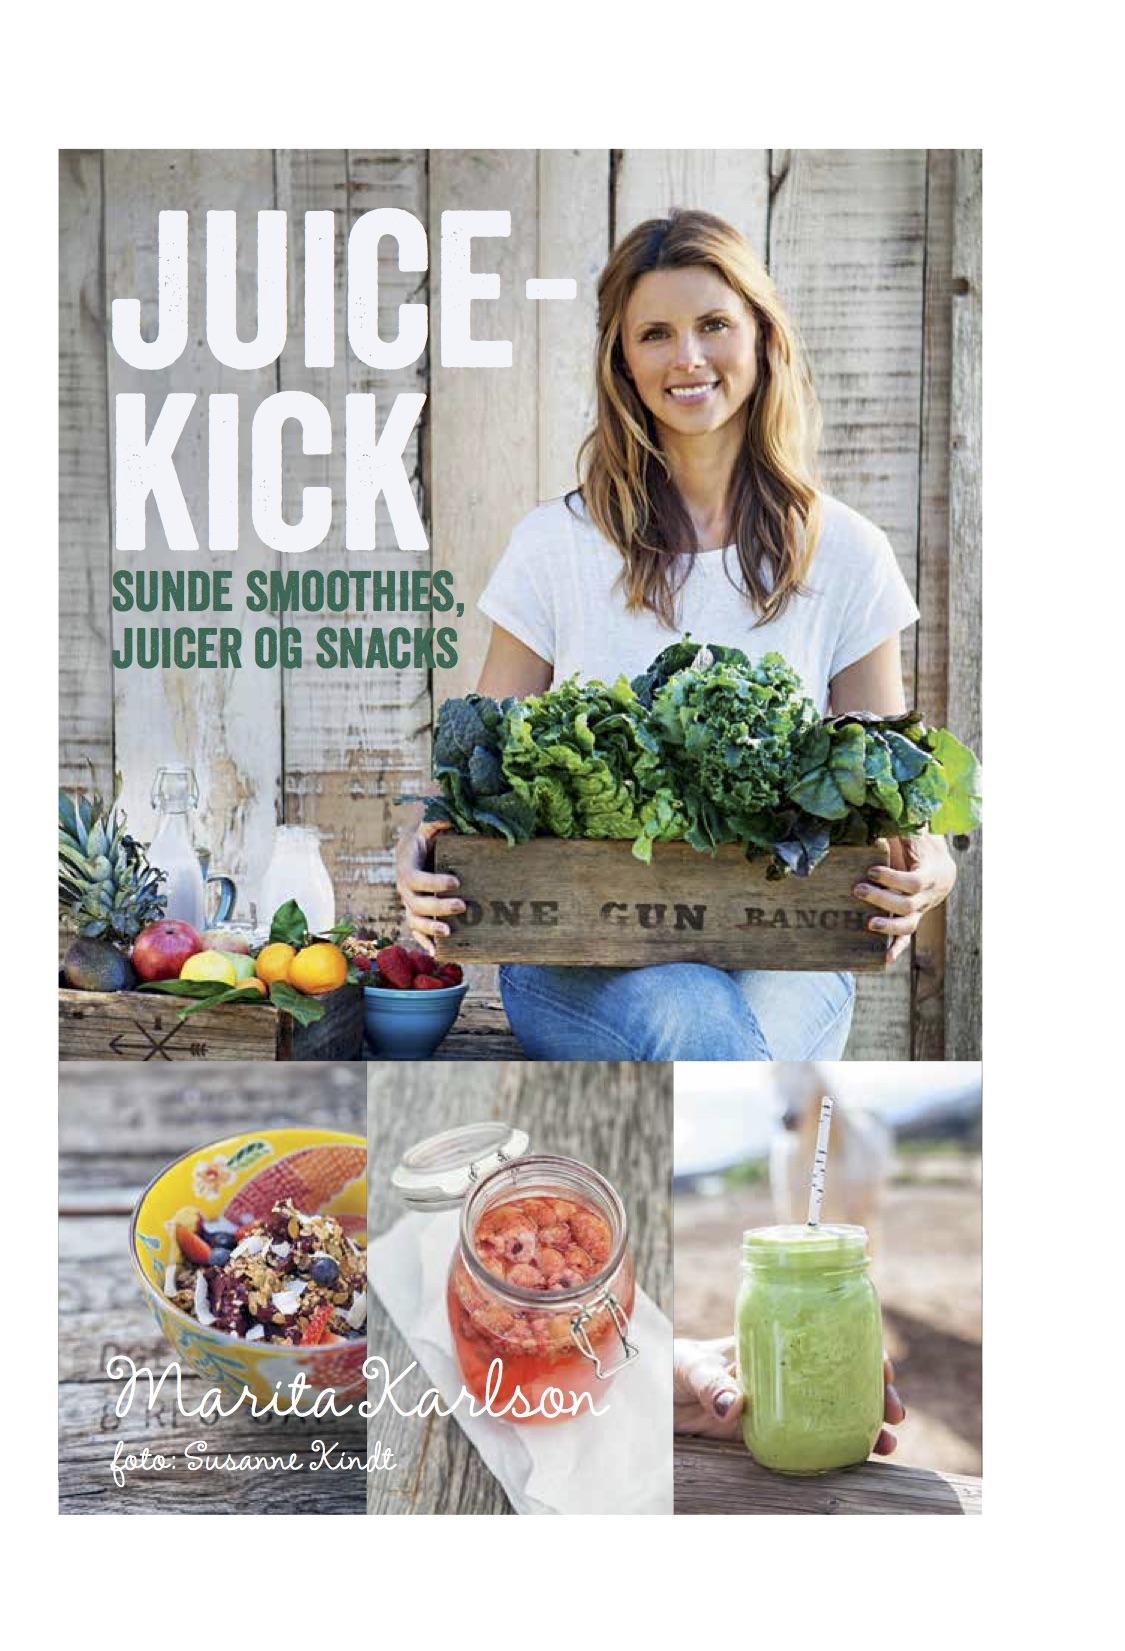 Juice-kick - forside